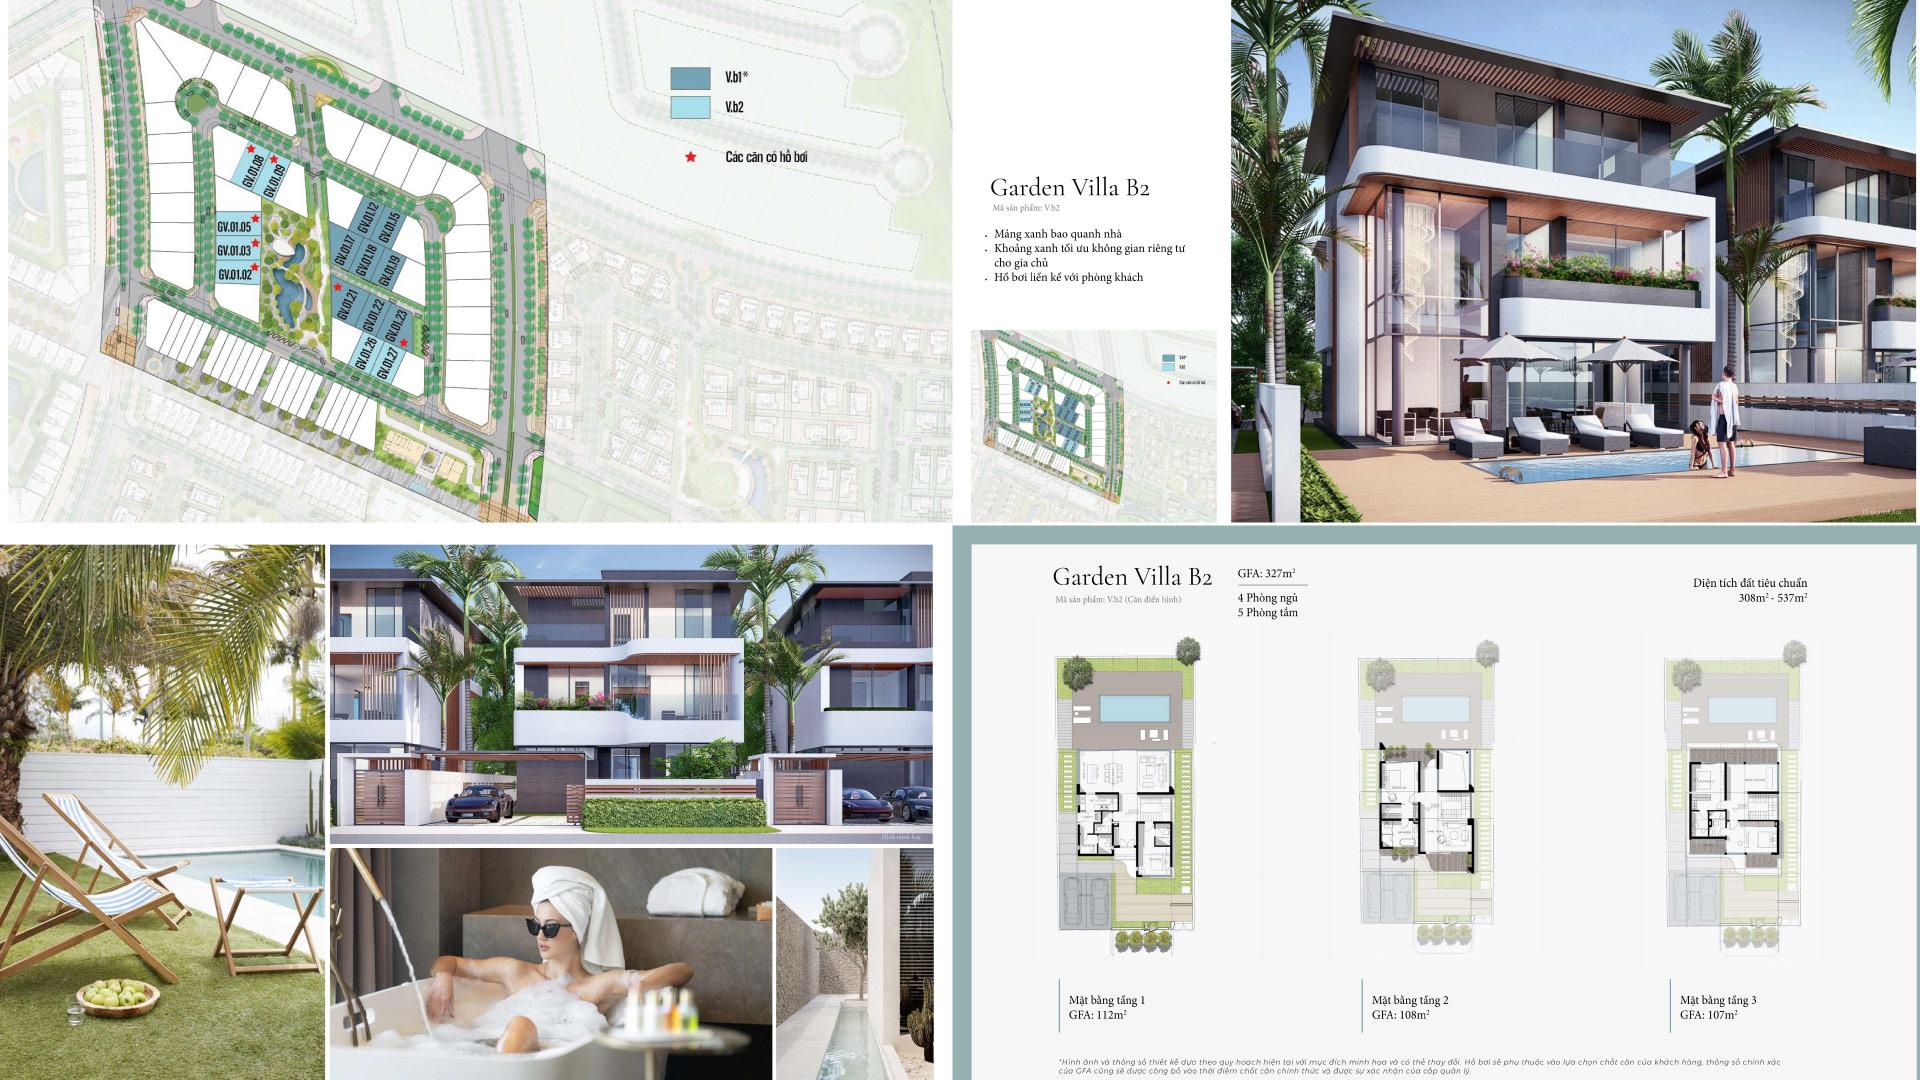 Graden Villa B2